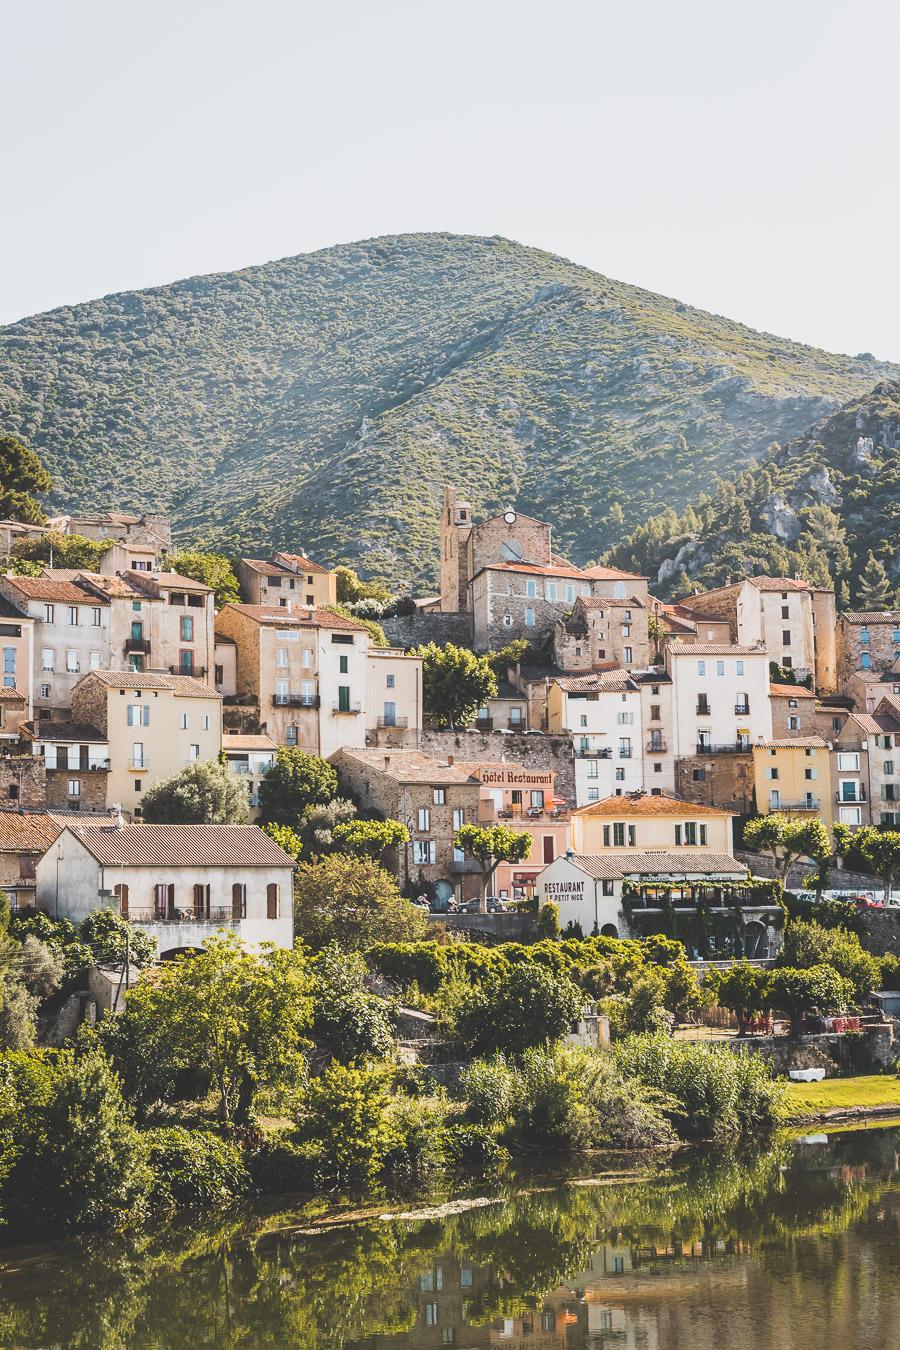 Roquebrun, Hérault, Parc Naturel Régional du Haut-Languedoc